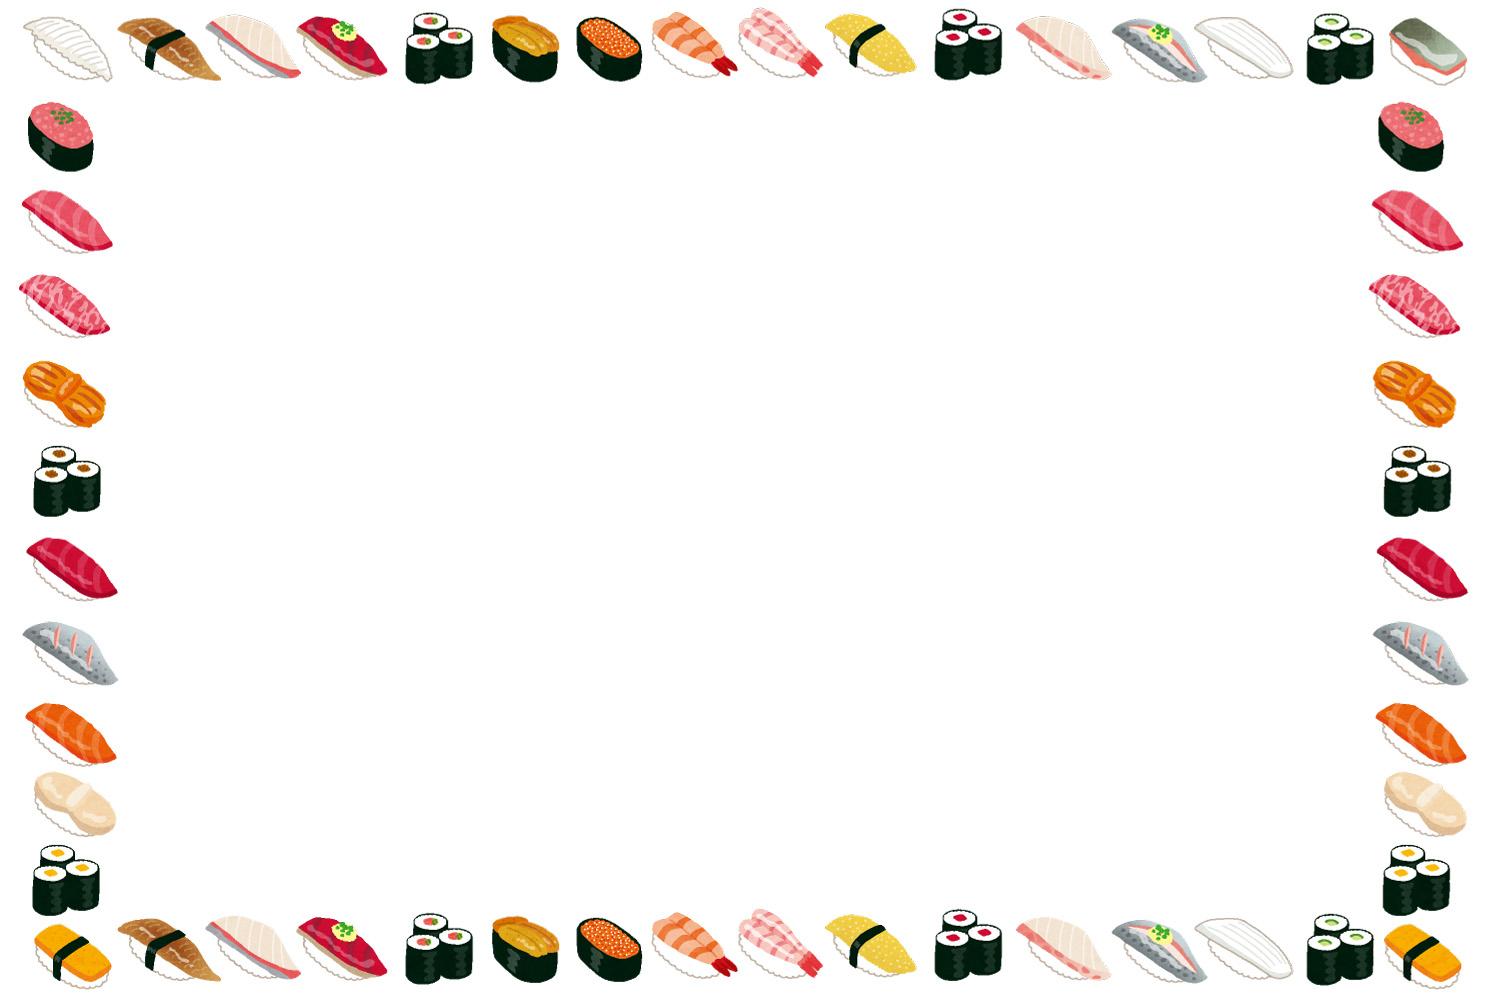 お寿司のイラストフレーム(枠) | かわいいフリー素材集 いらすとや